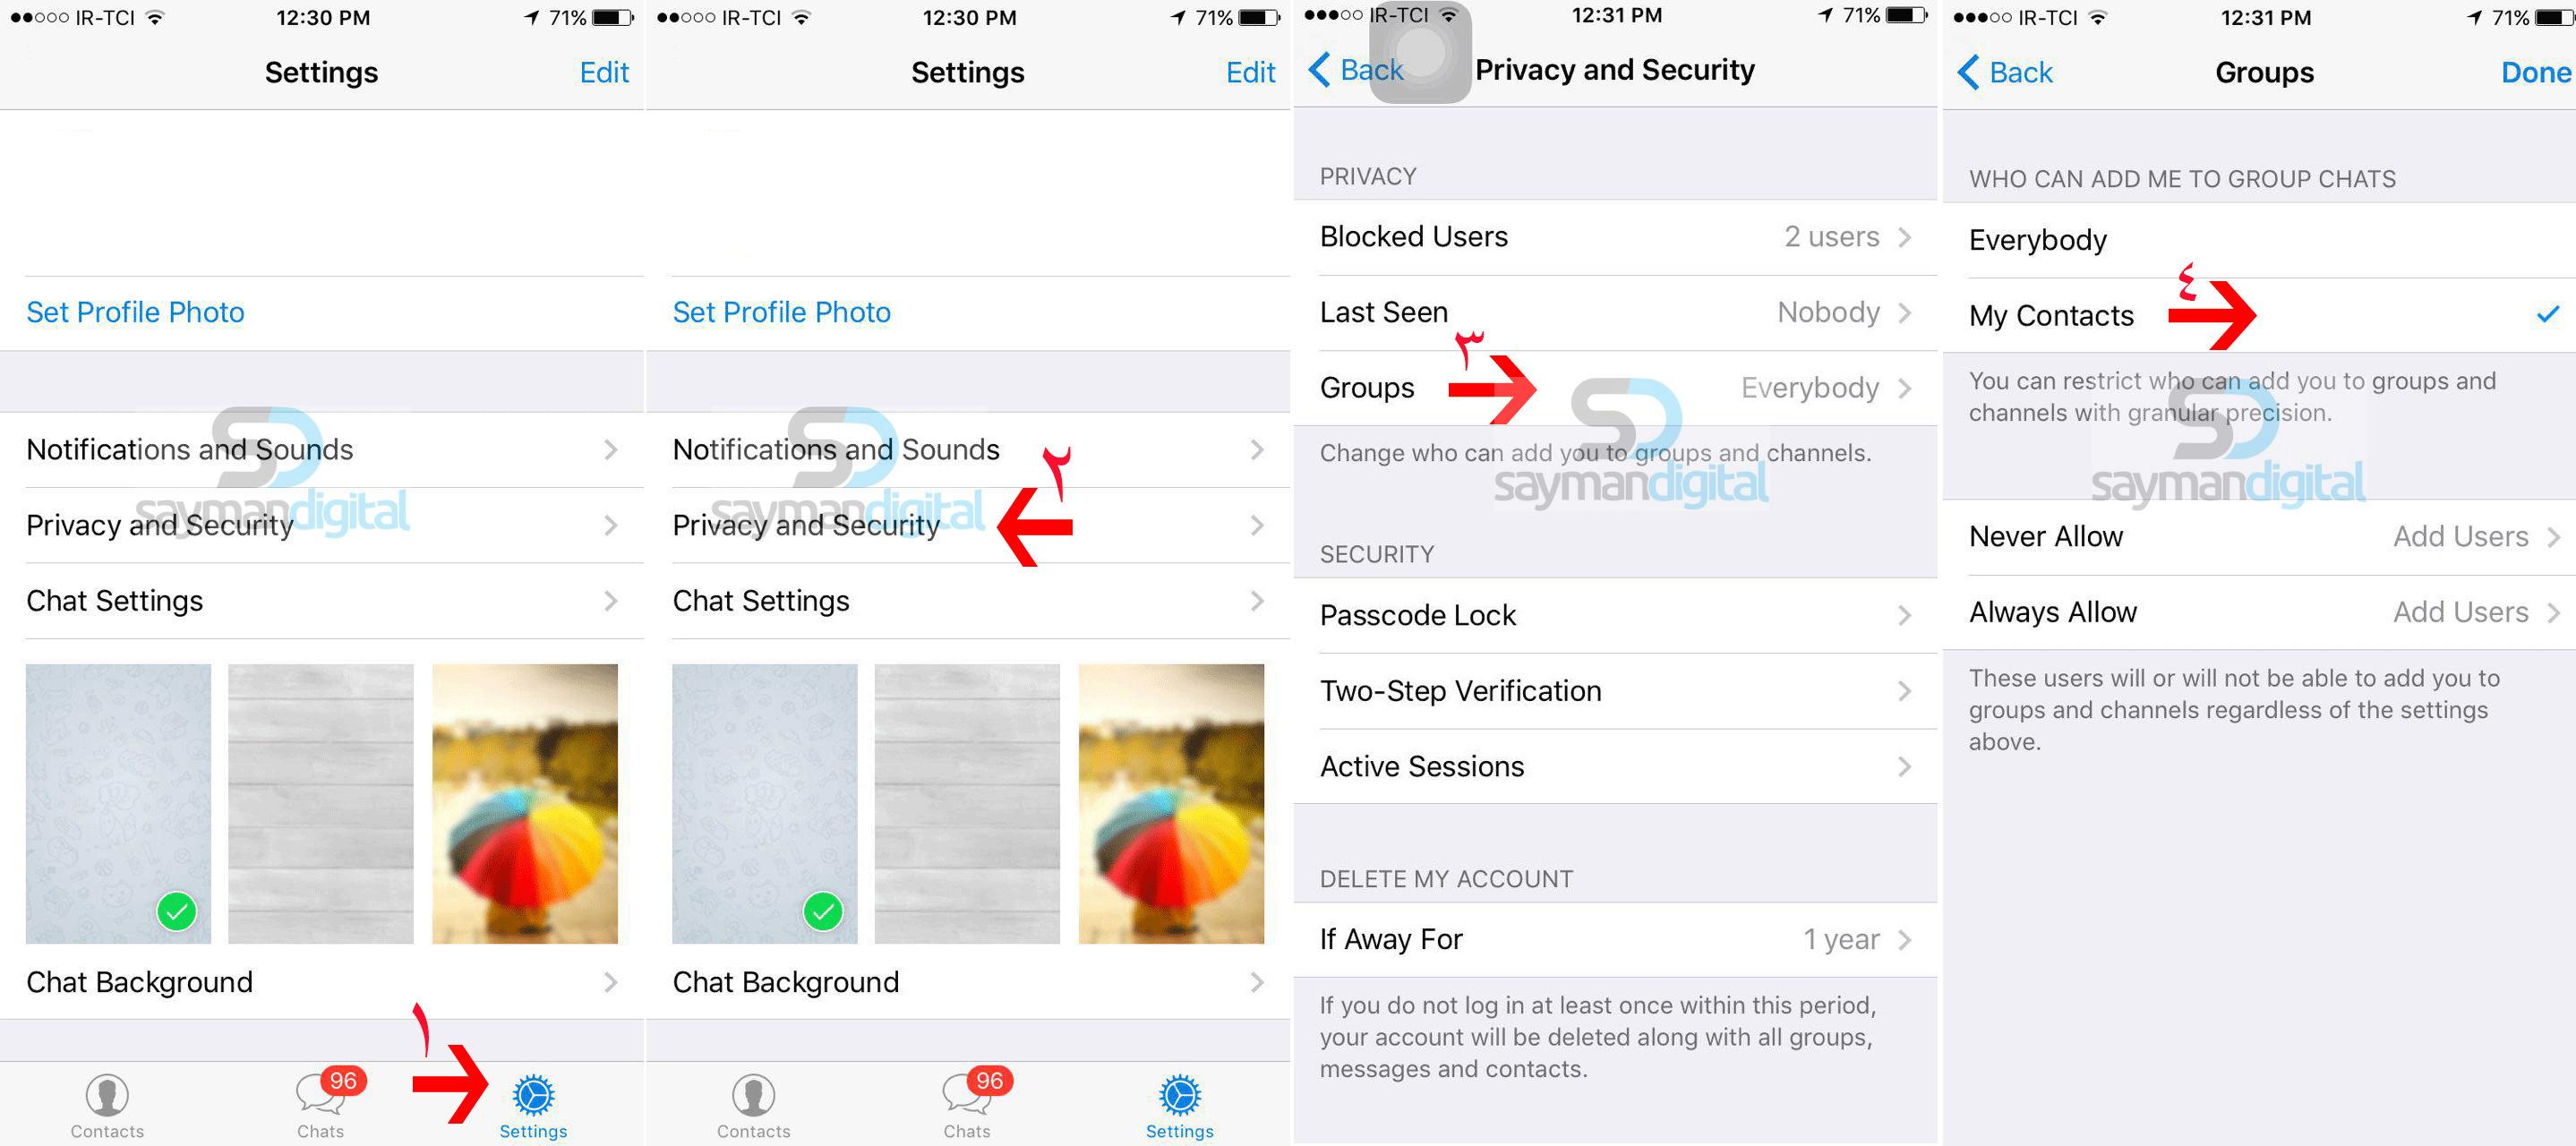 مراحل-جلوگیری-از-عضو-شدن-ناخواسته-در-گروه-ها-و-کانال-ها-در-iOS1